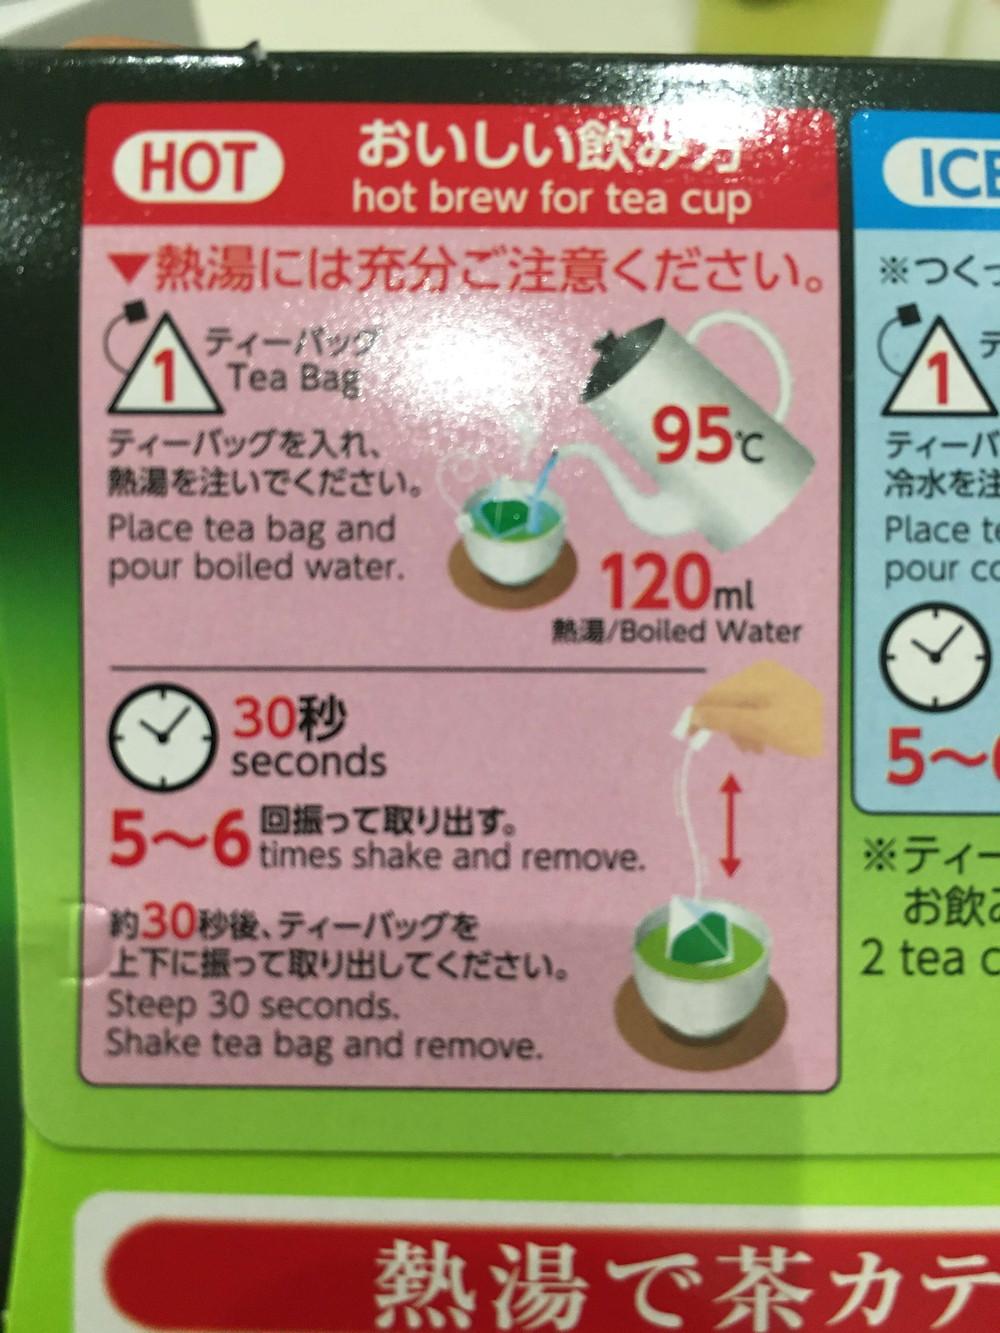 水。お茶。実験。アルカリイオン水。ミネラルウォーター。天然水。お茶に合う水。